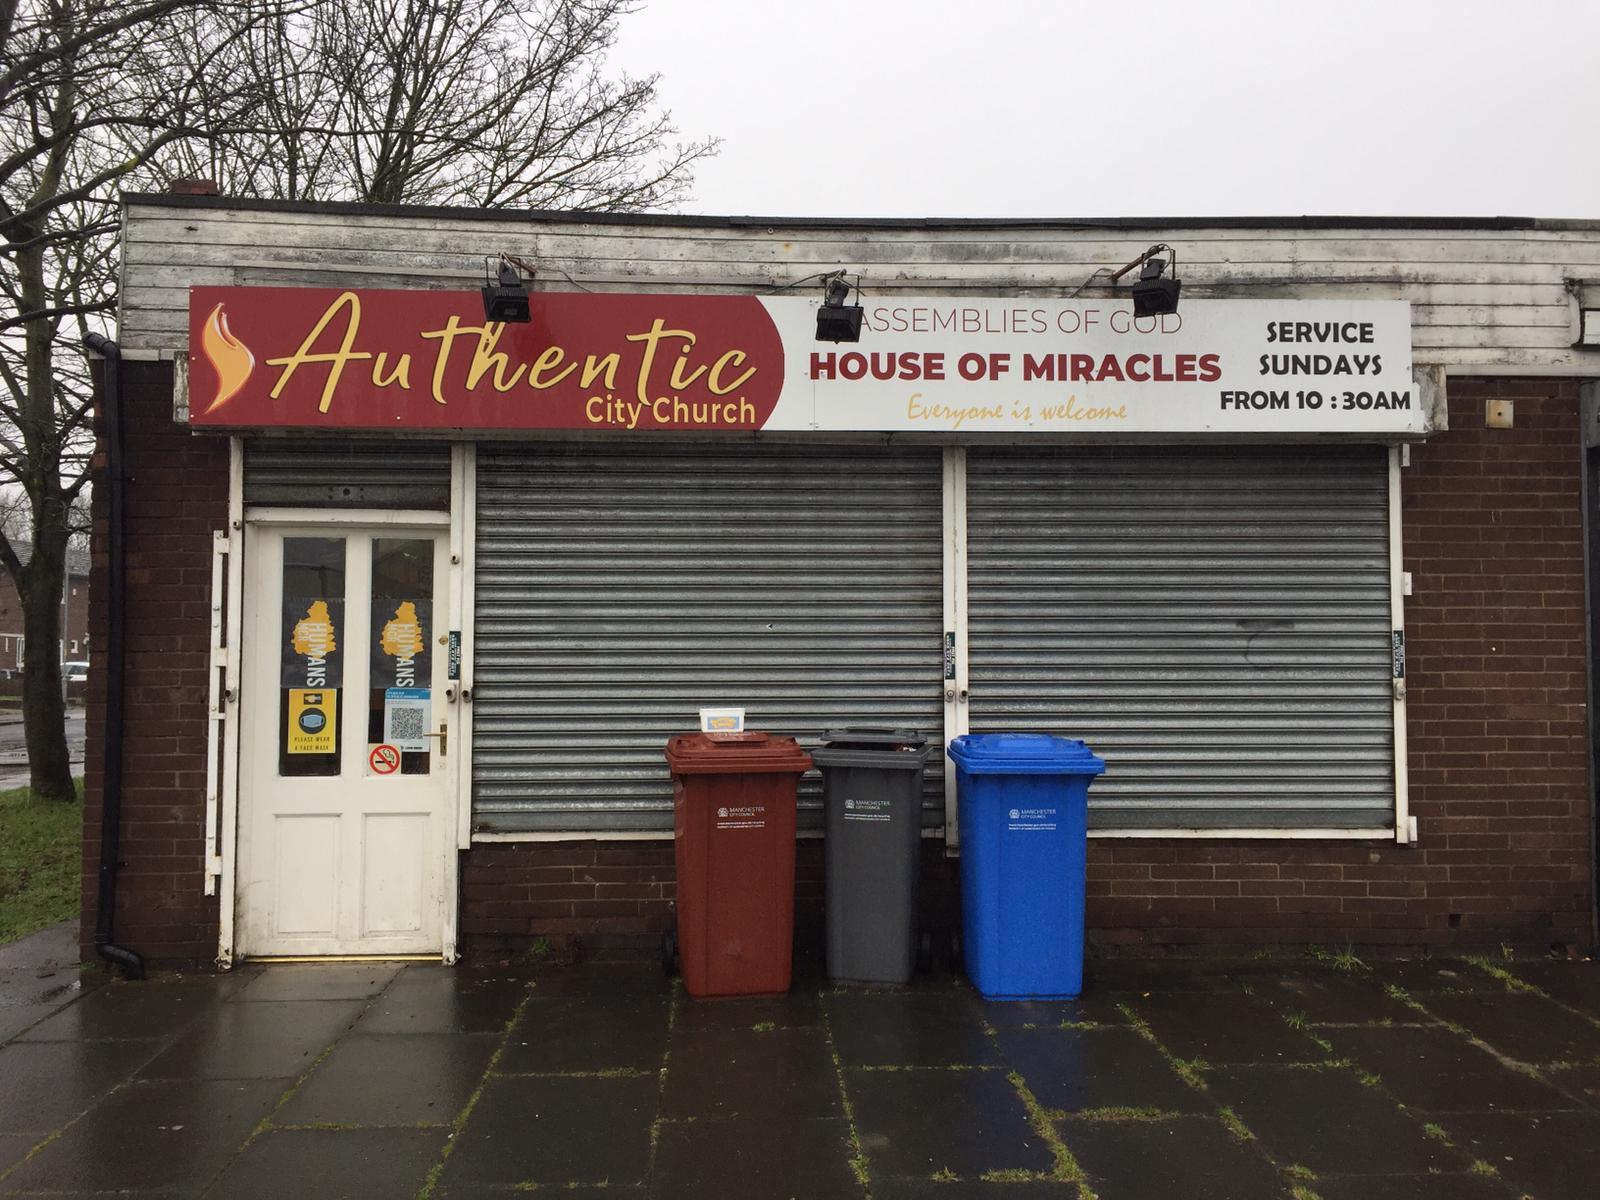 Volunteers left stranded outside Manchester foodbank after vandals glue locks shut, The Manc